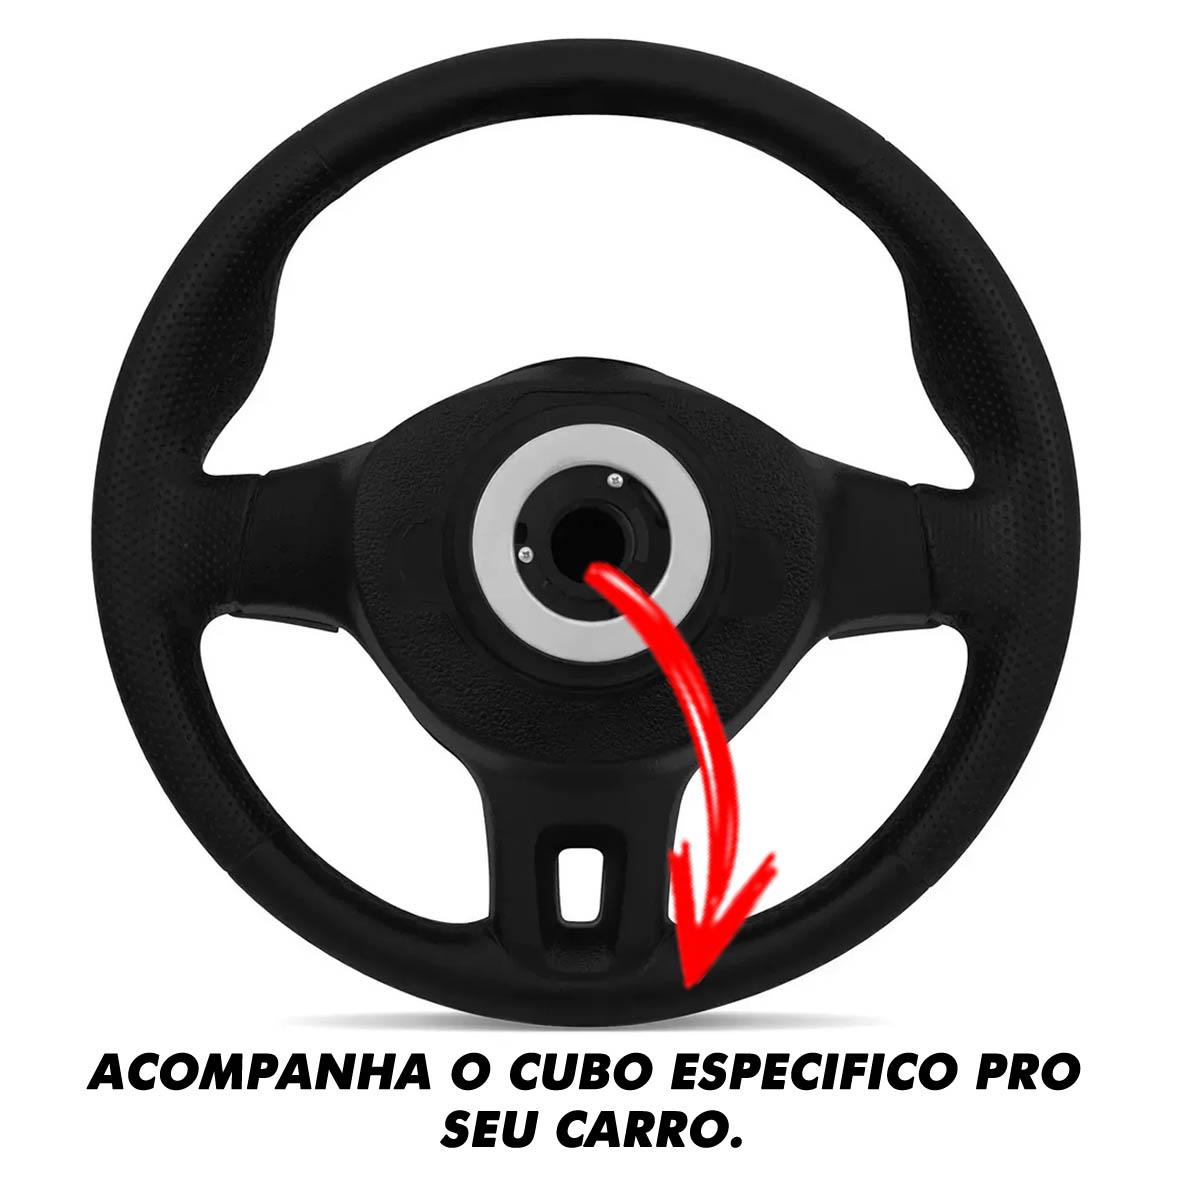 Volante Volkswagen Jetta Redondo Esportivo Cubo Gol 1980 a 2013 Golf 1999 a 2013 Saveiro Parati 1982 a 2013 Atacado Poliparts